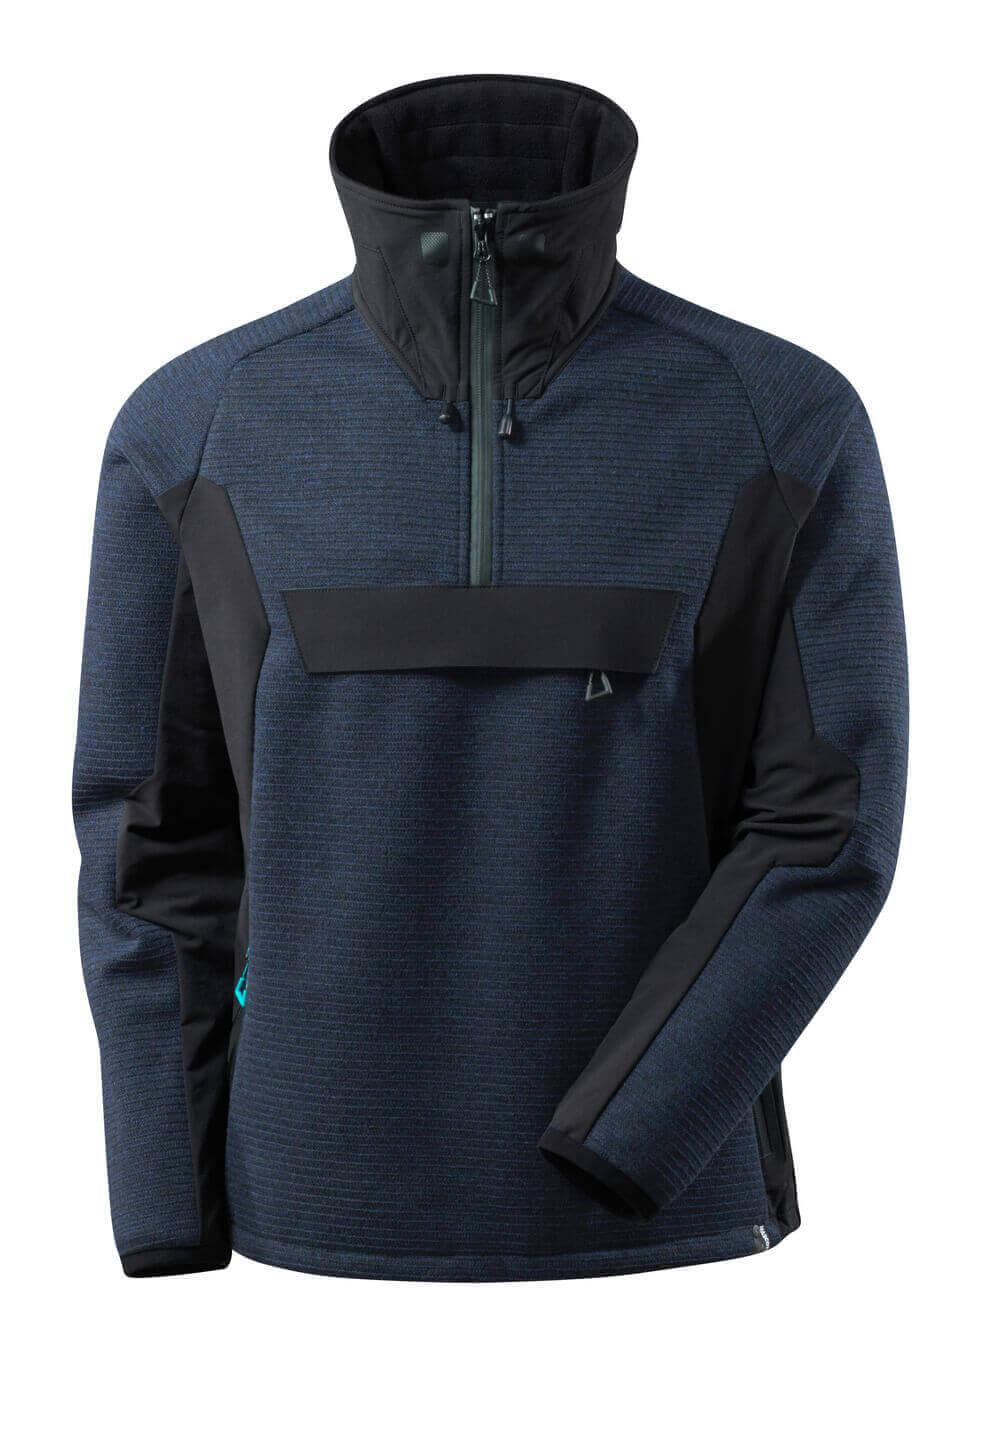 17005-309-01009 Knitted Jacket with half zip - dark navy/black